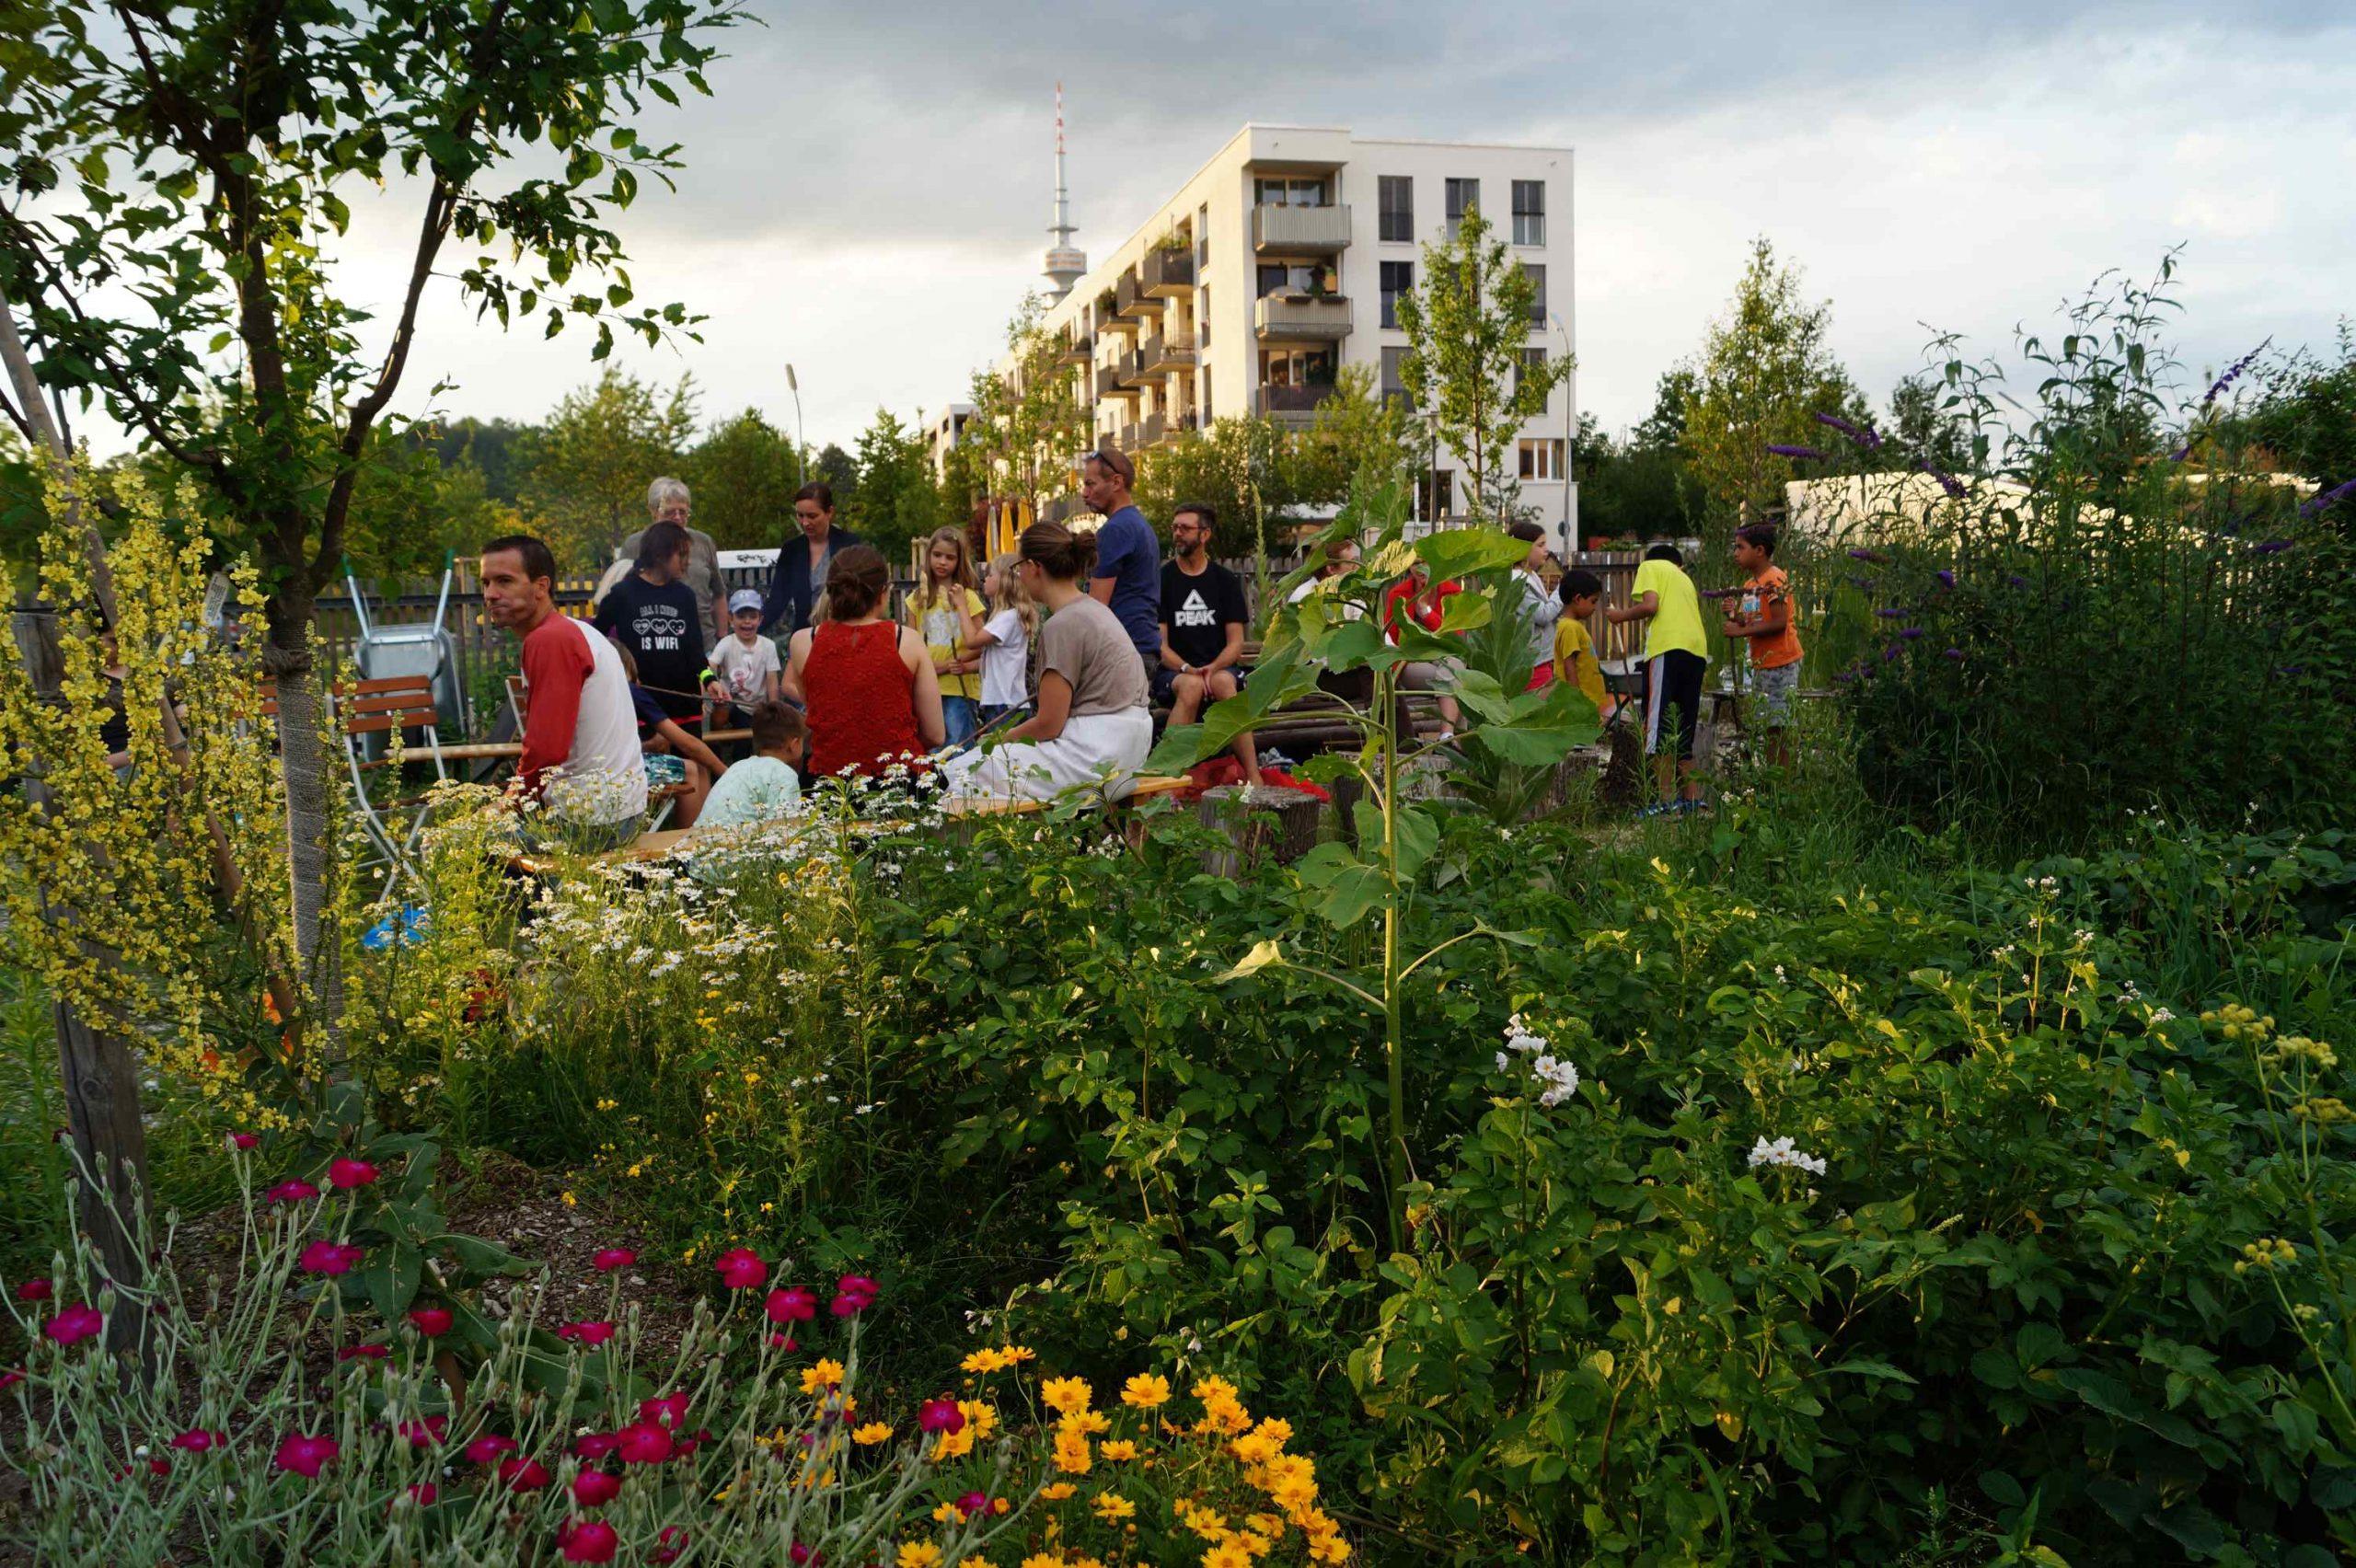 NachbarschaftsBörse am Ackermannbogen: Miteinander gärtnern und Miteinander feiern